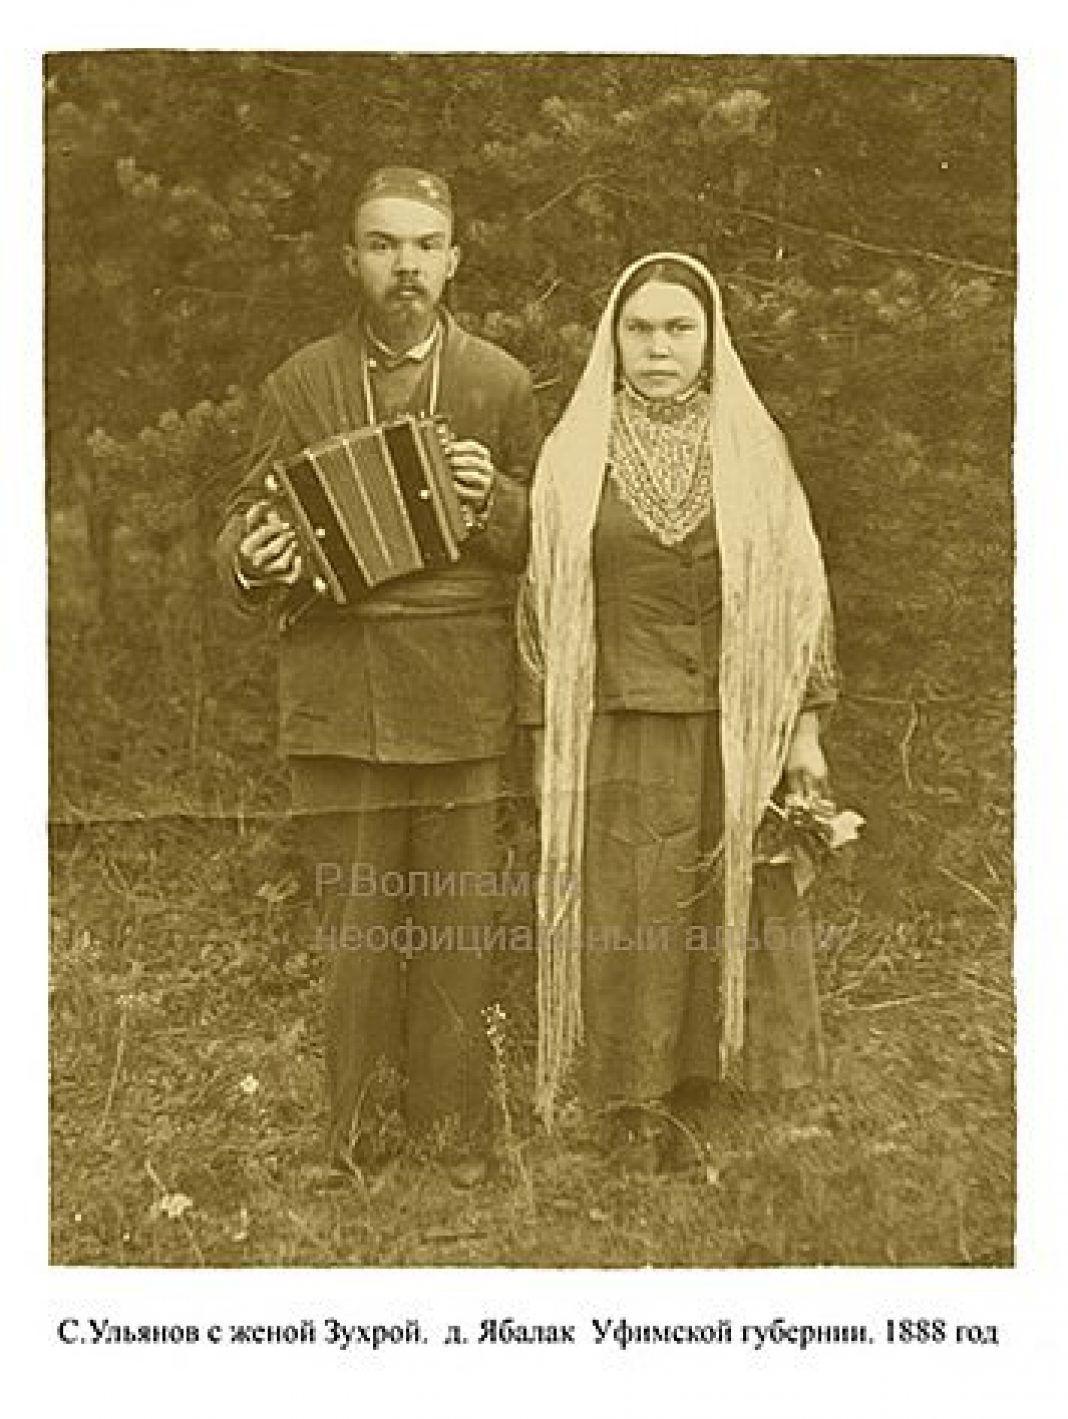 Ульянов с женой